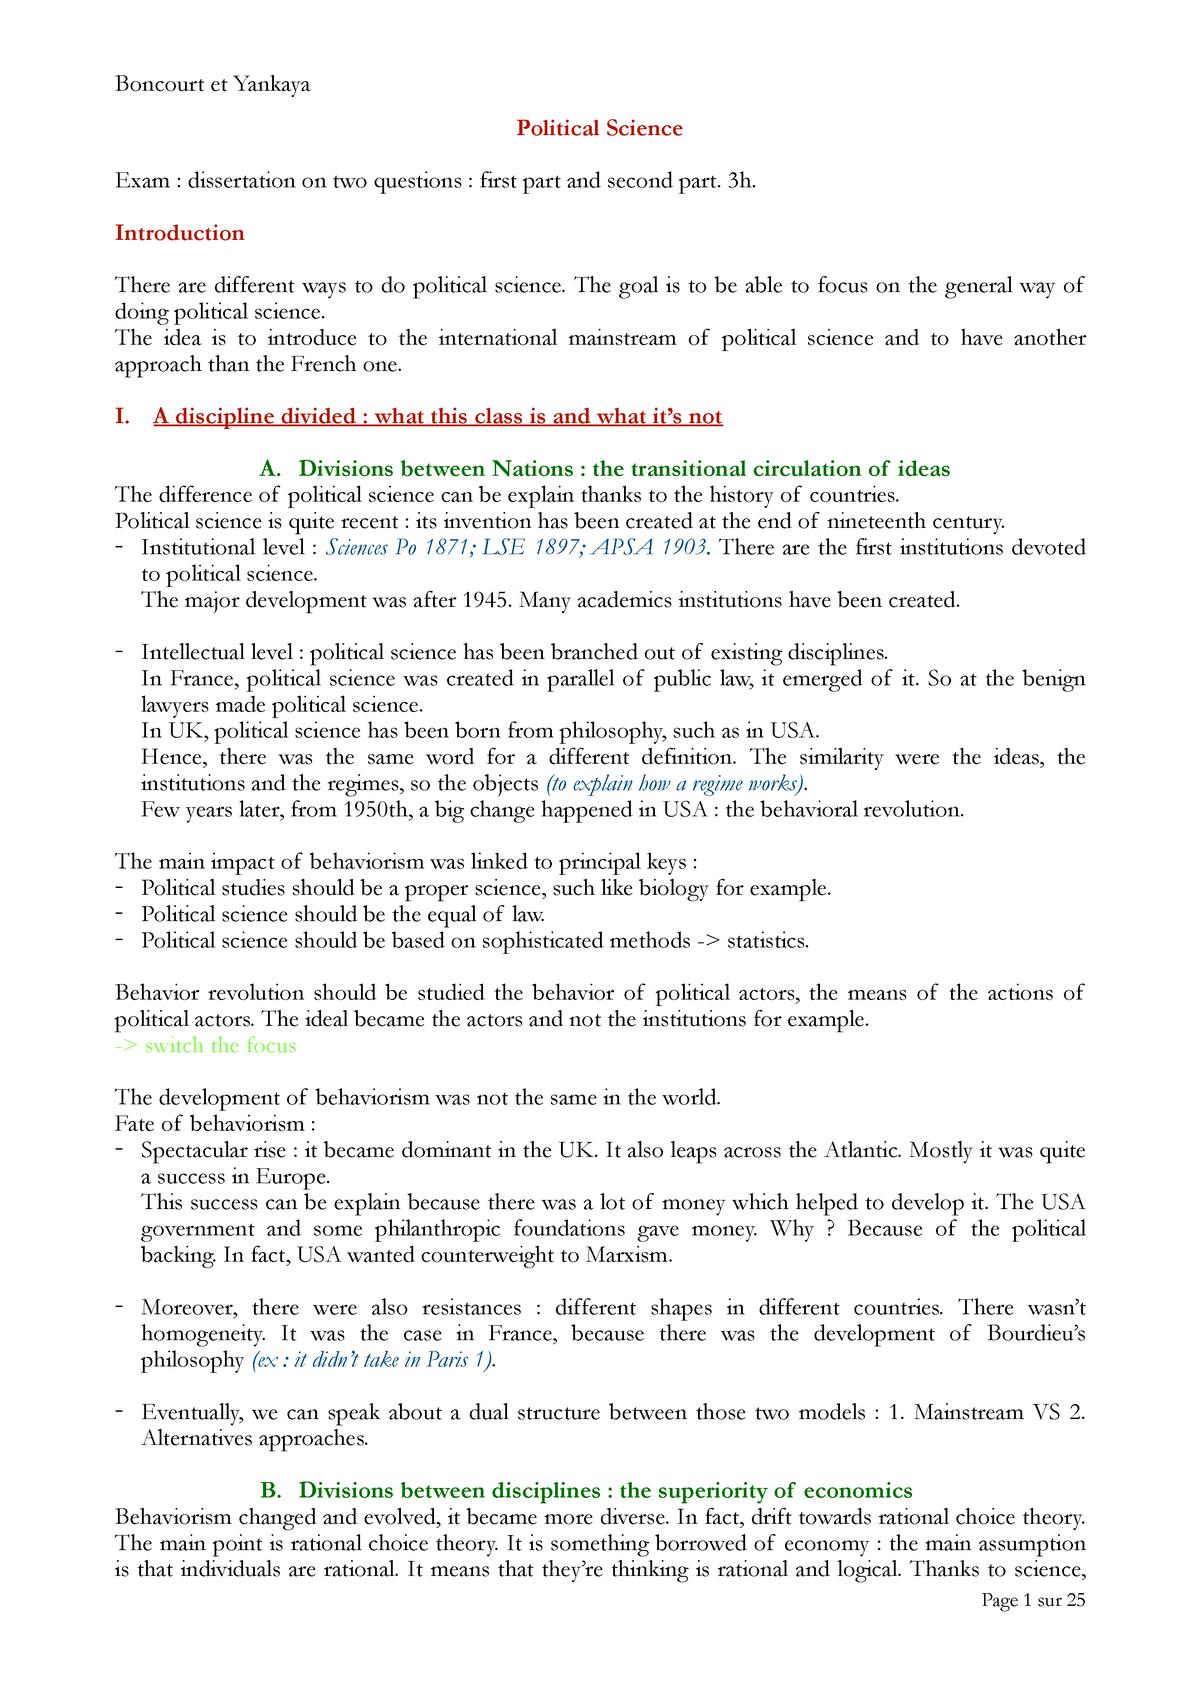 Political Science - Political science - StuDocu